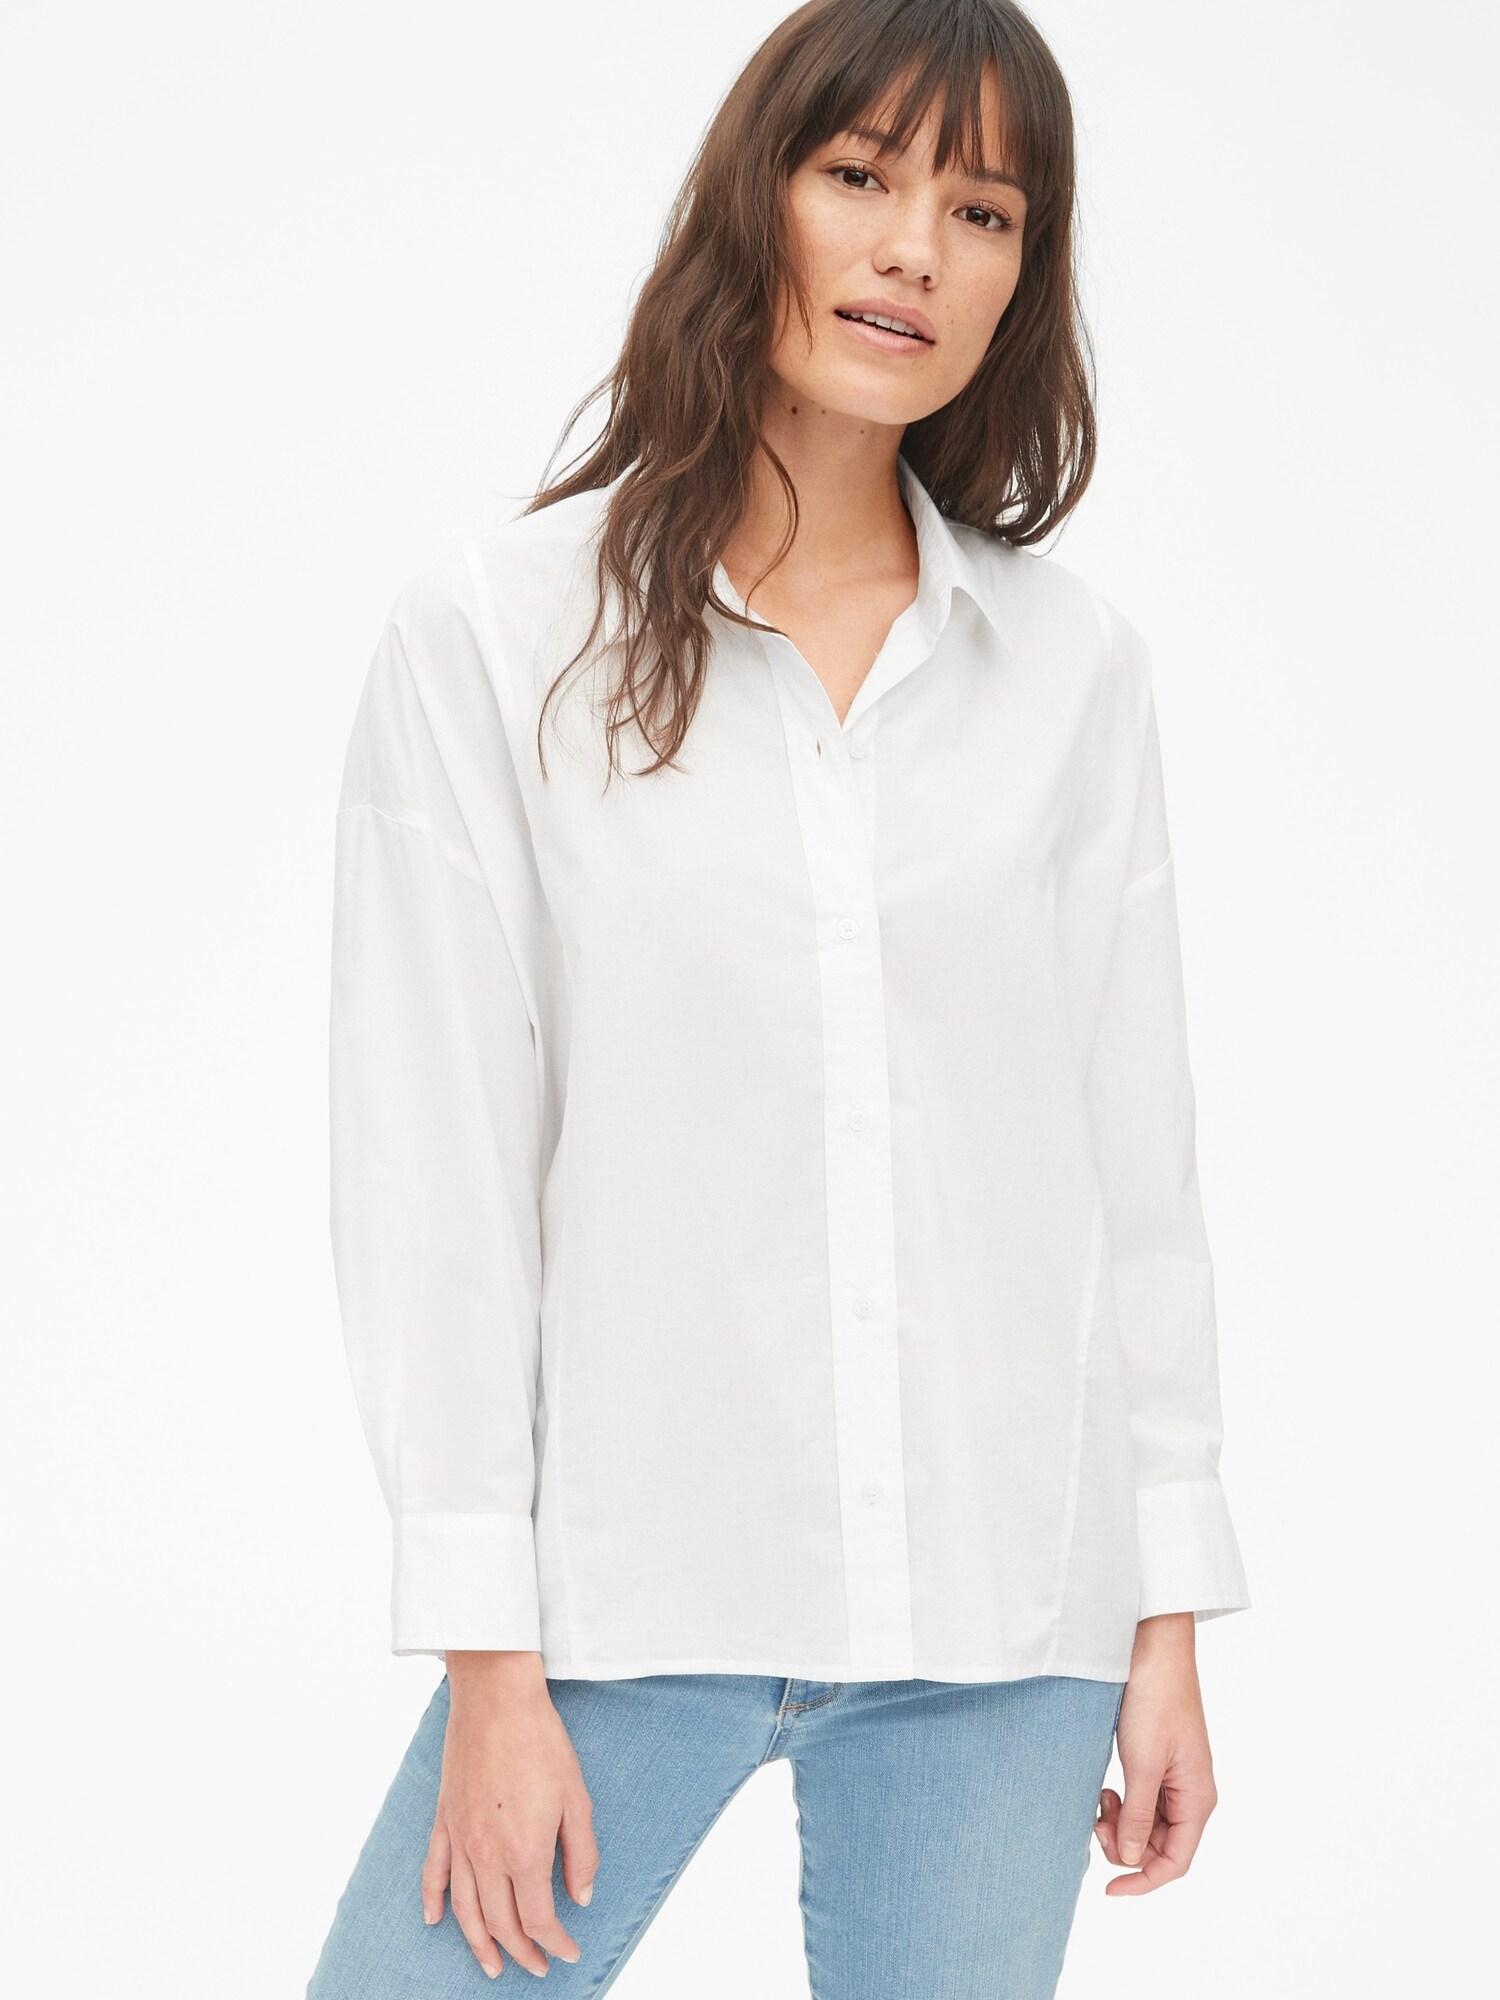 ボタンフロント シャツ